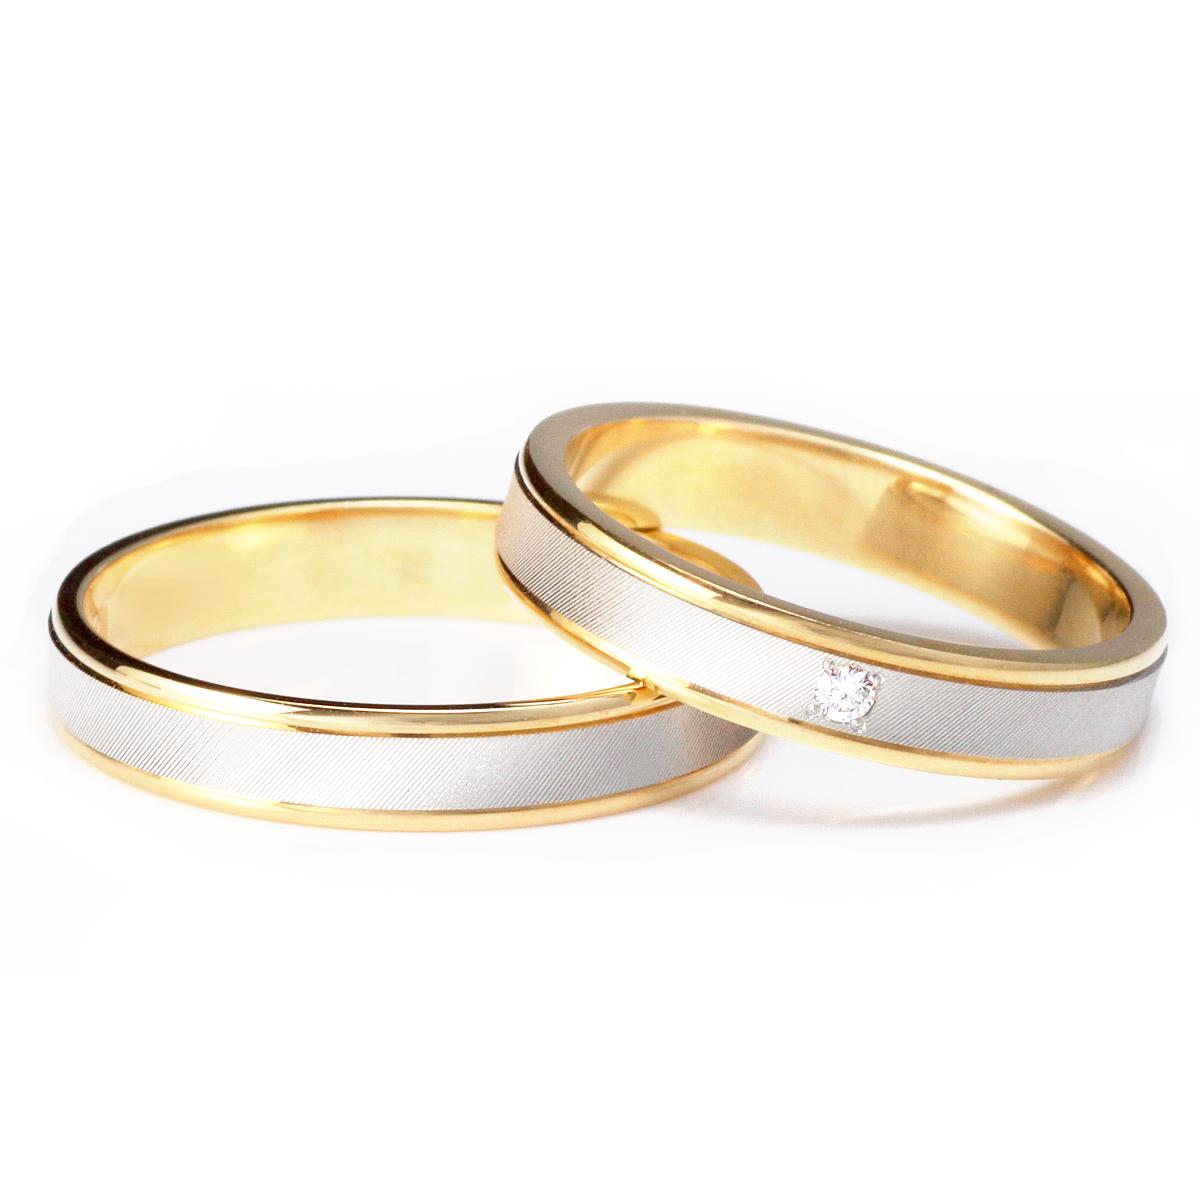 ゴールド プラチナ ダイヤモンド ペアリング シンプル 結婚指輪 マリッジリング 18金 2本セット